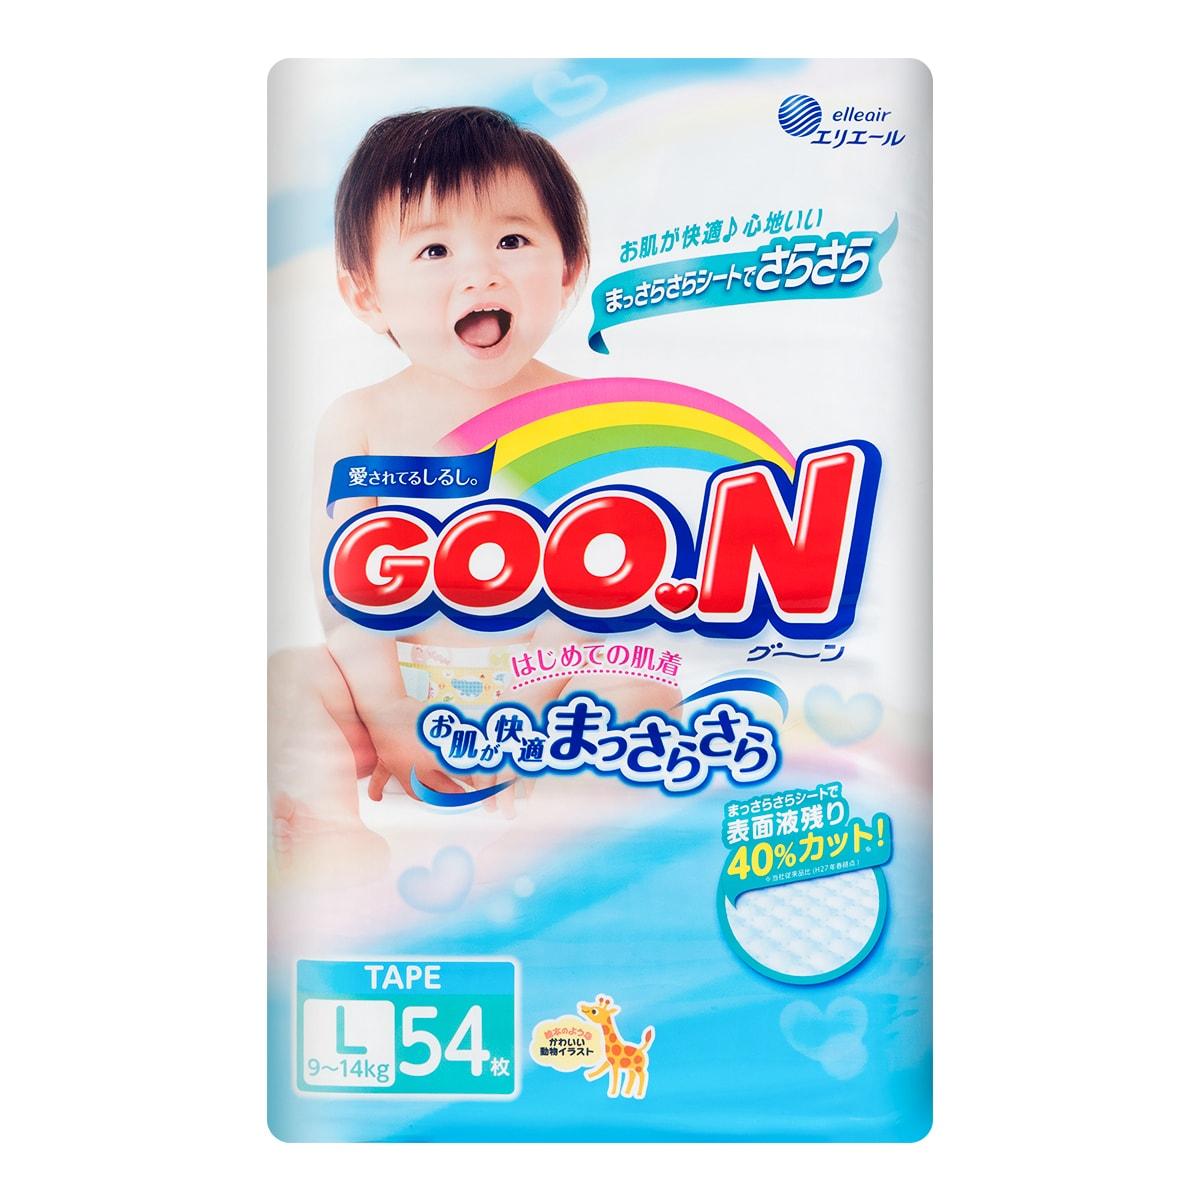 日本GOO.N大王 维E系列 通用婴儿纸尿布 L号 9-14kg (22-37lb) 54枚入 (添加维生素E)